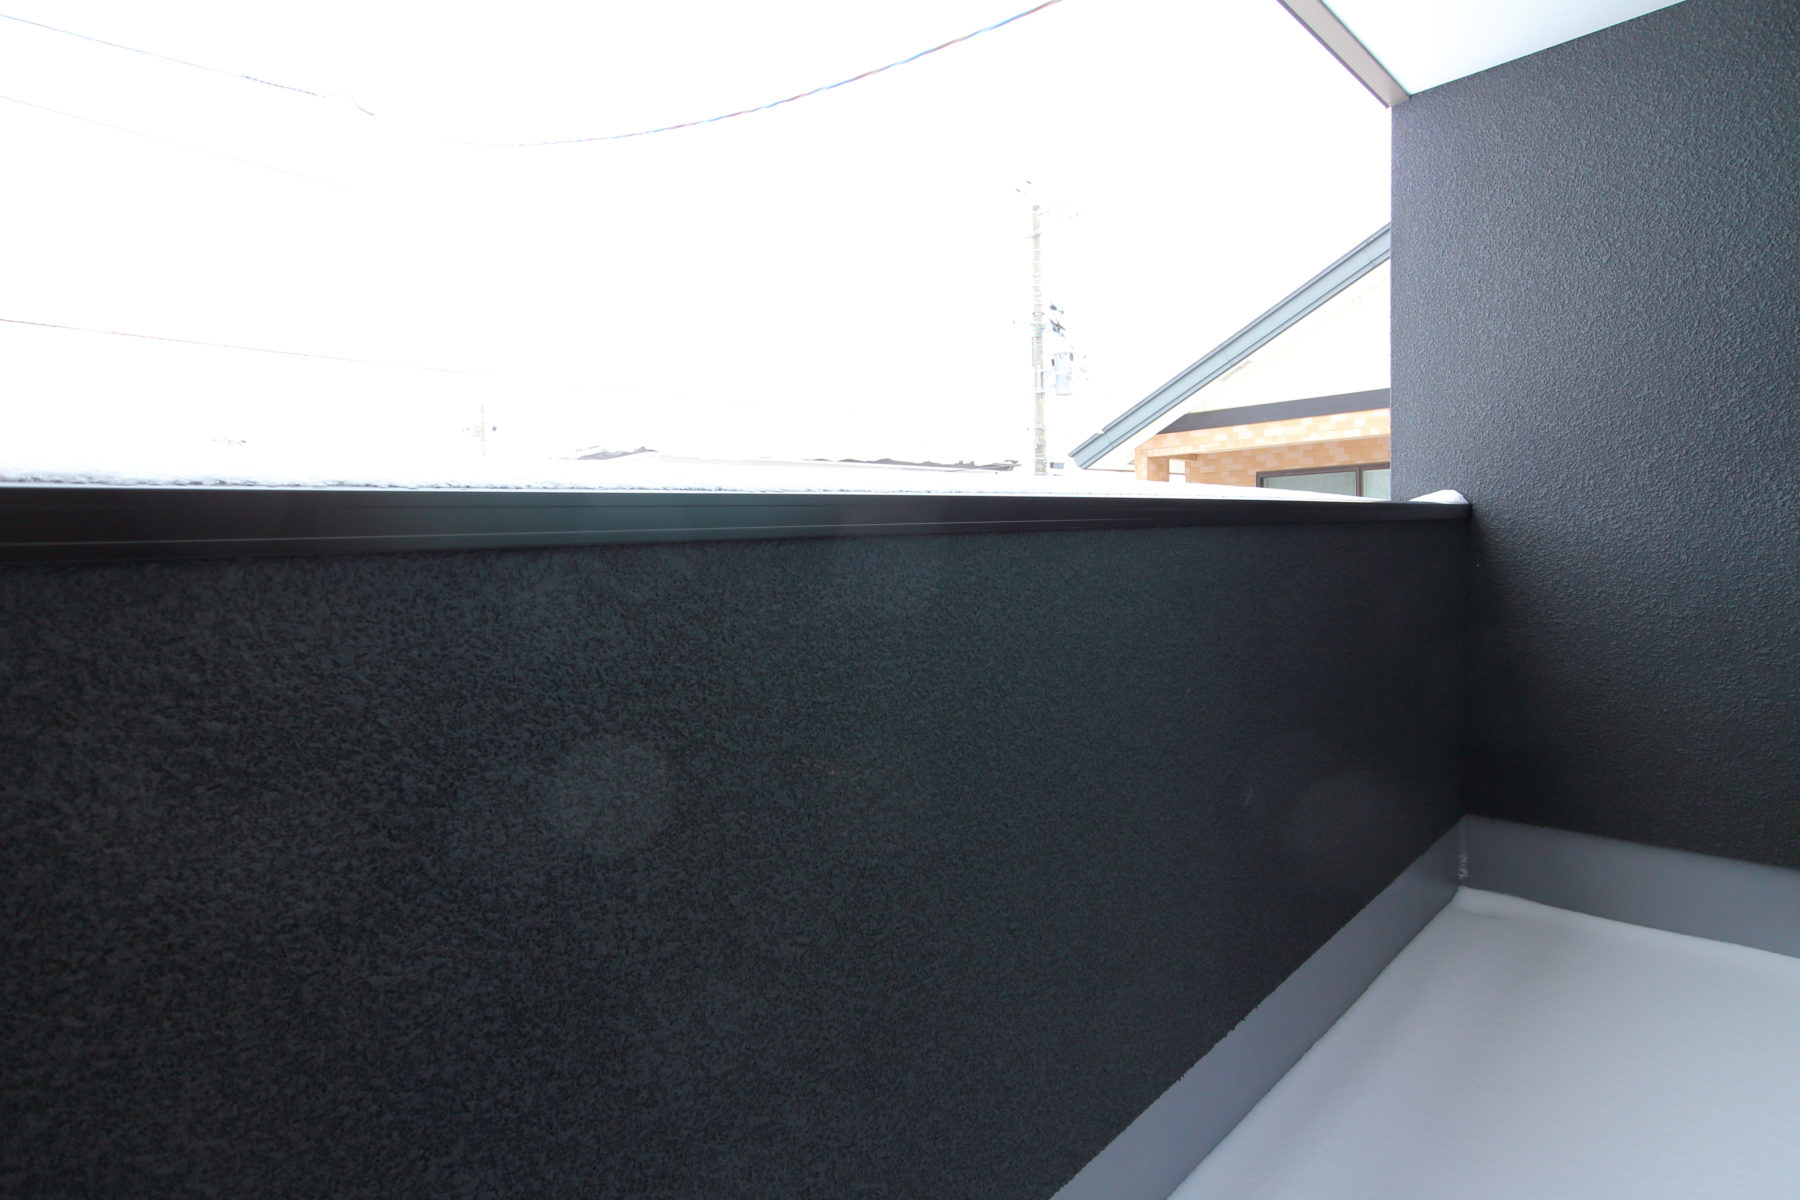 【秋田県・秋田市泉南三丁目】3LDK 新築戸建て・分譲住宅 バルコニー